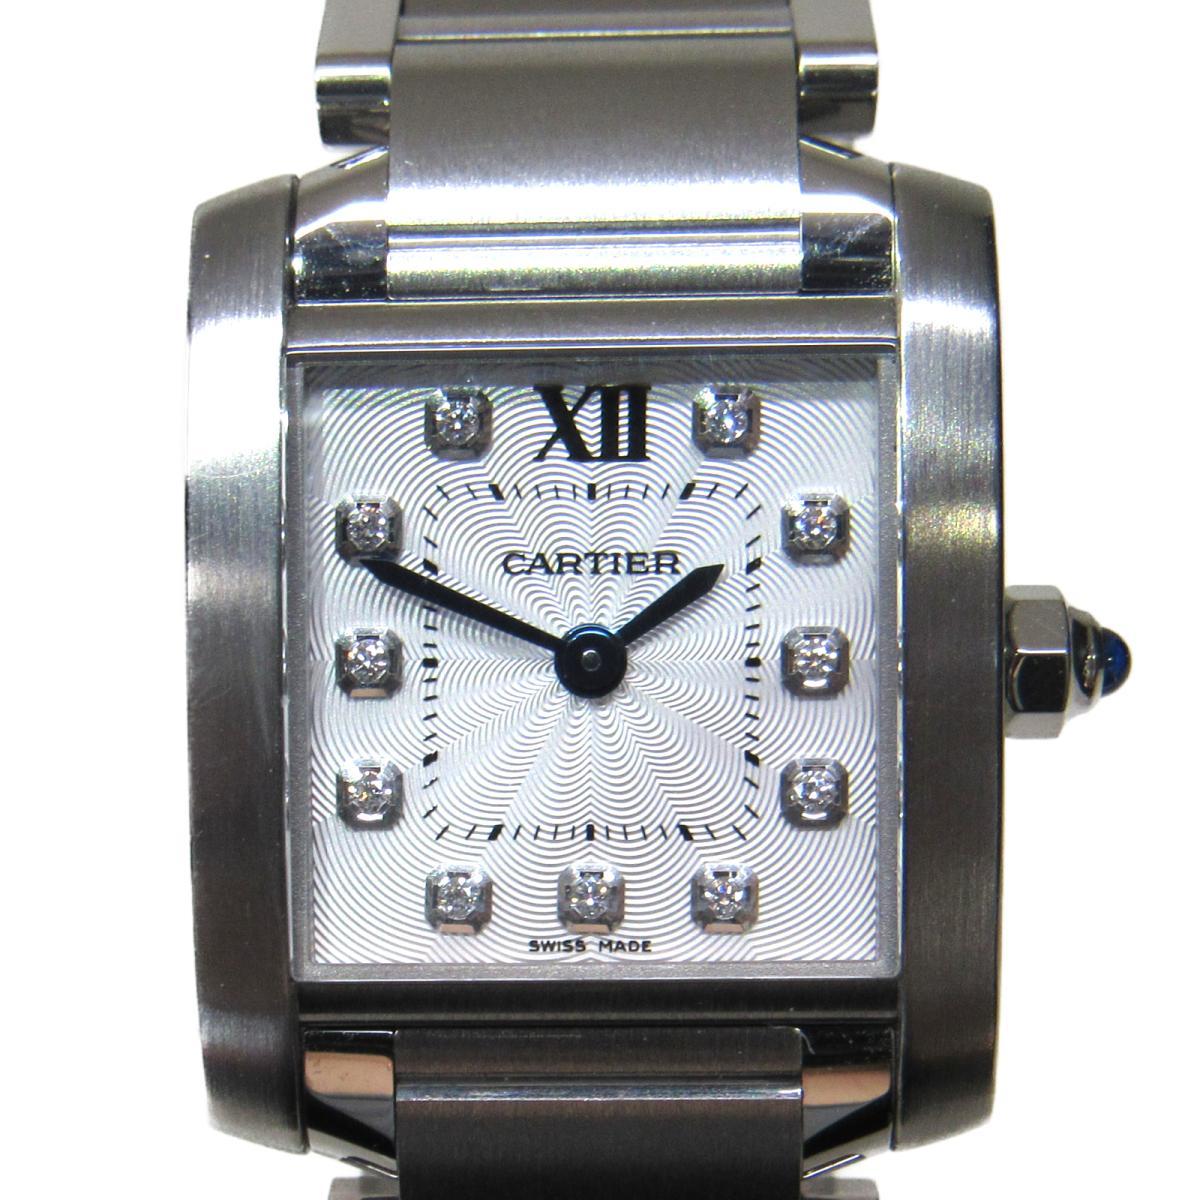 【中古】 カルティエ タンクフランセーズSM 11Pダイヤモンド 腕時計 ウォッチ レディース ステンレススチール (SS) x ダイヤモンド (WE110006) | Cartier BRANDOFF ブランドオフ ブランド ブランド時計 ブランド腕時計 時計